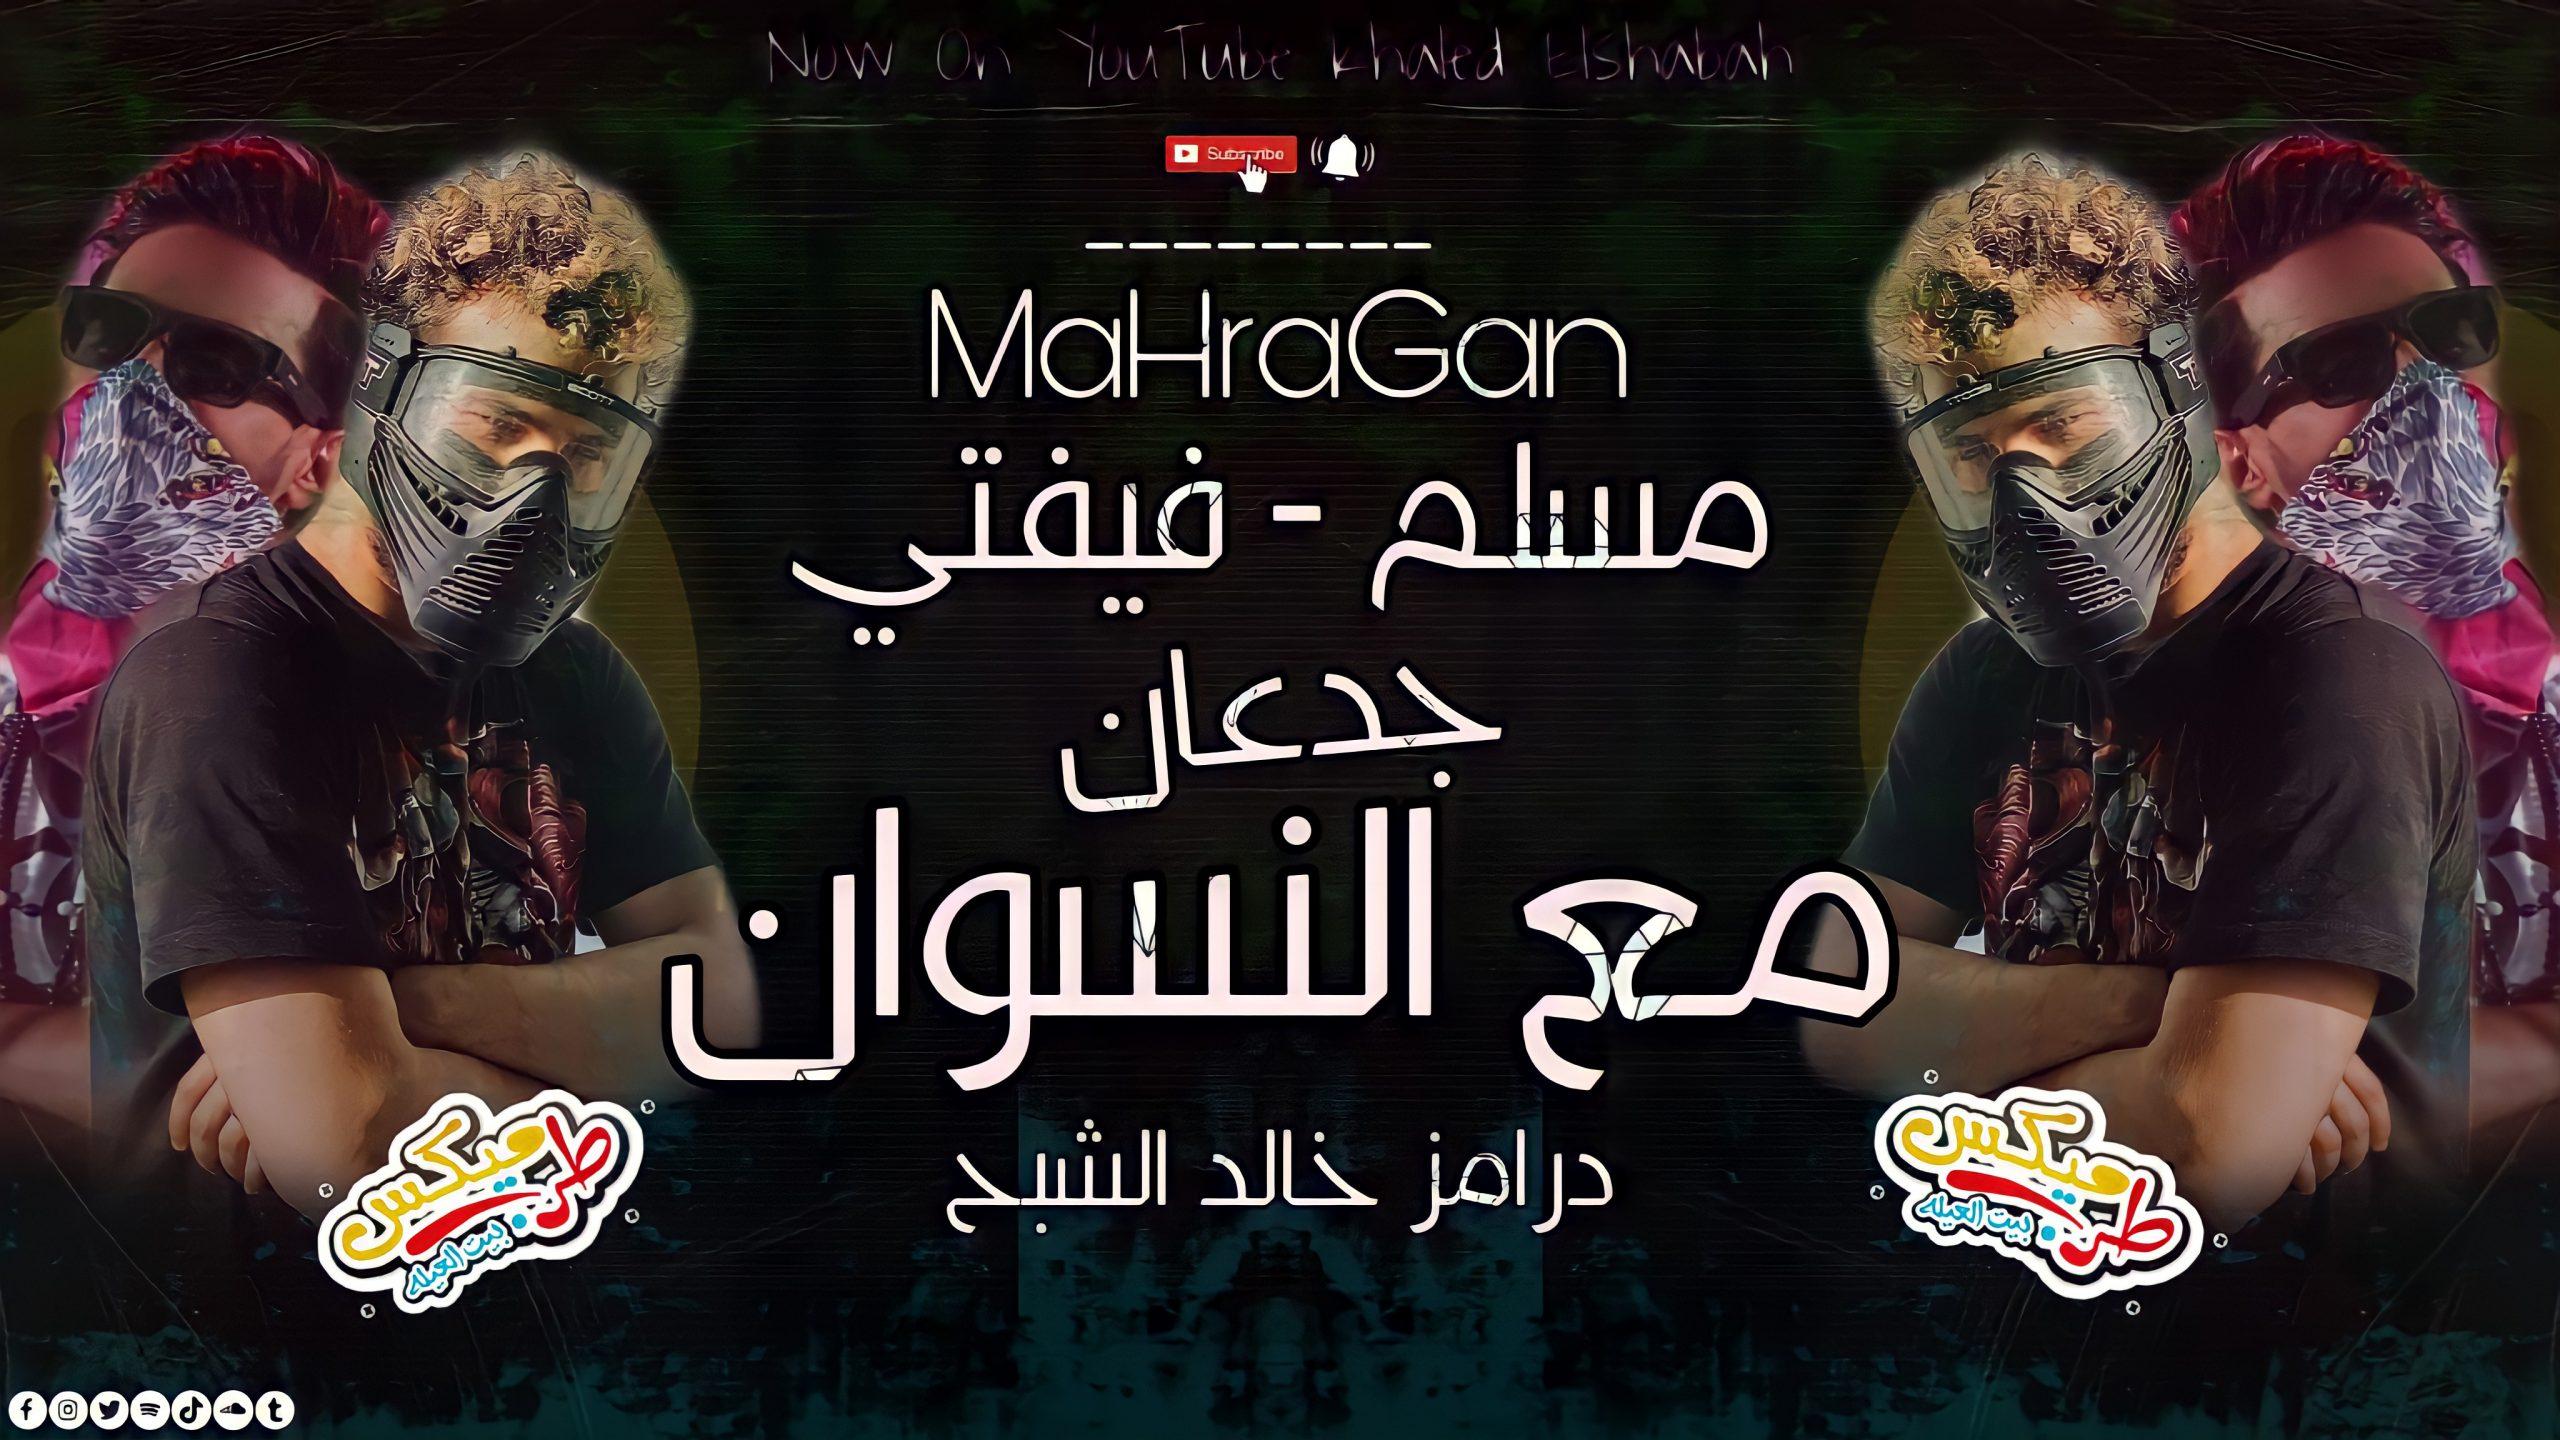 مهرجان جدعان مع النسوان غناء مسلم - فيفتي مصر - توزيع درامز خالد الشبح ريمكس 2021